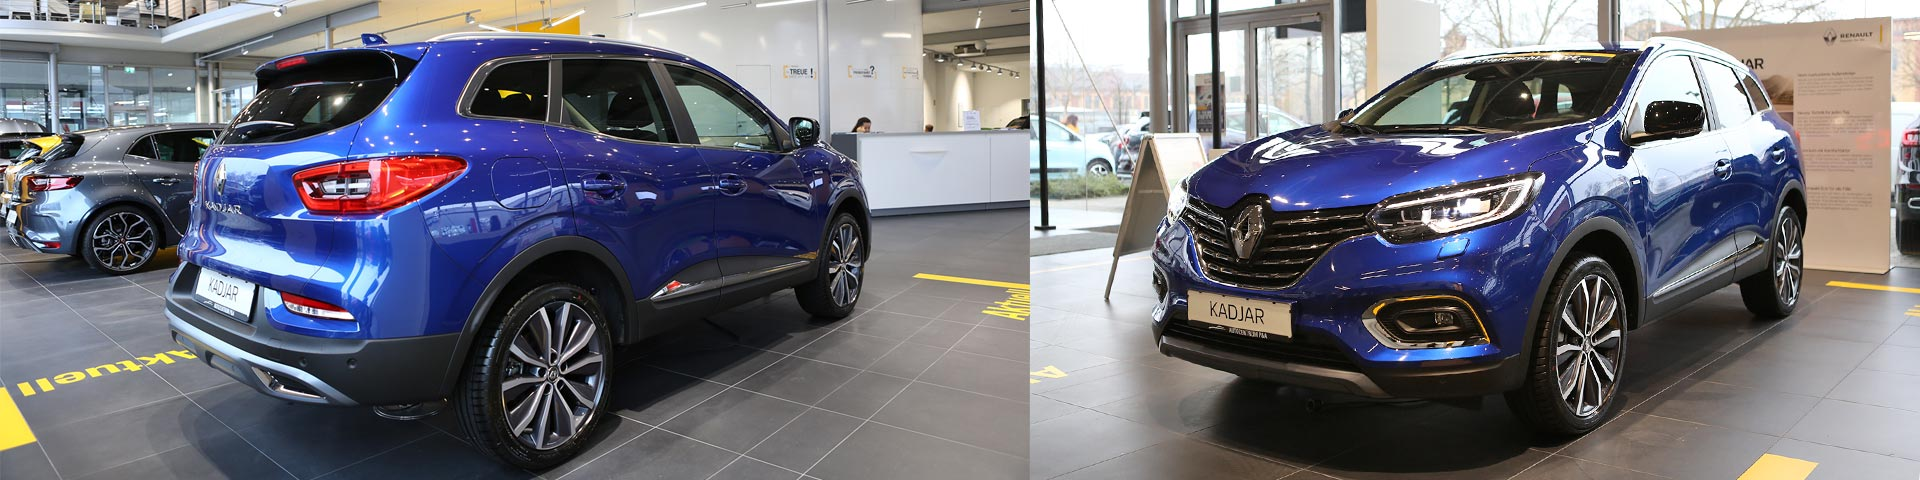 Renault Kadjar 2019 vom Autozentrum P&A-Preckel